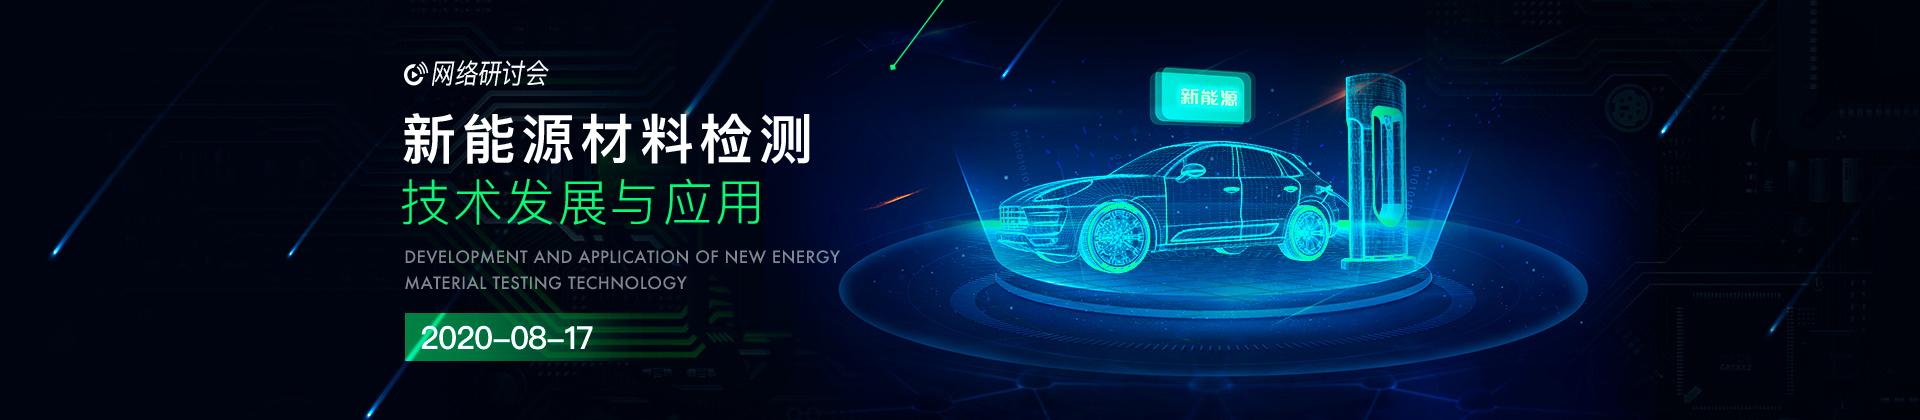 """2020-08-17 09:00 """"新能源材料检测技术发展及应用""""主题网络研讨会"""